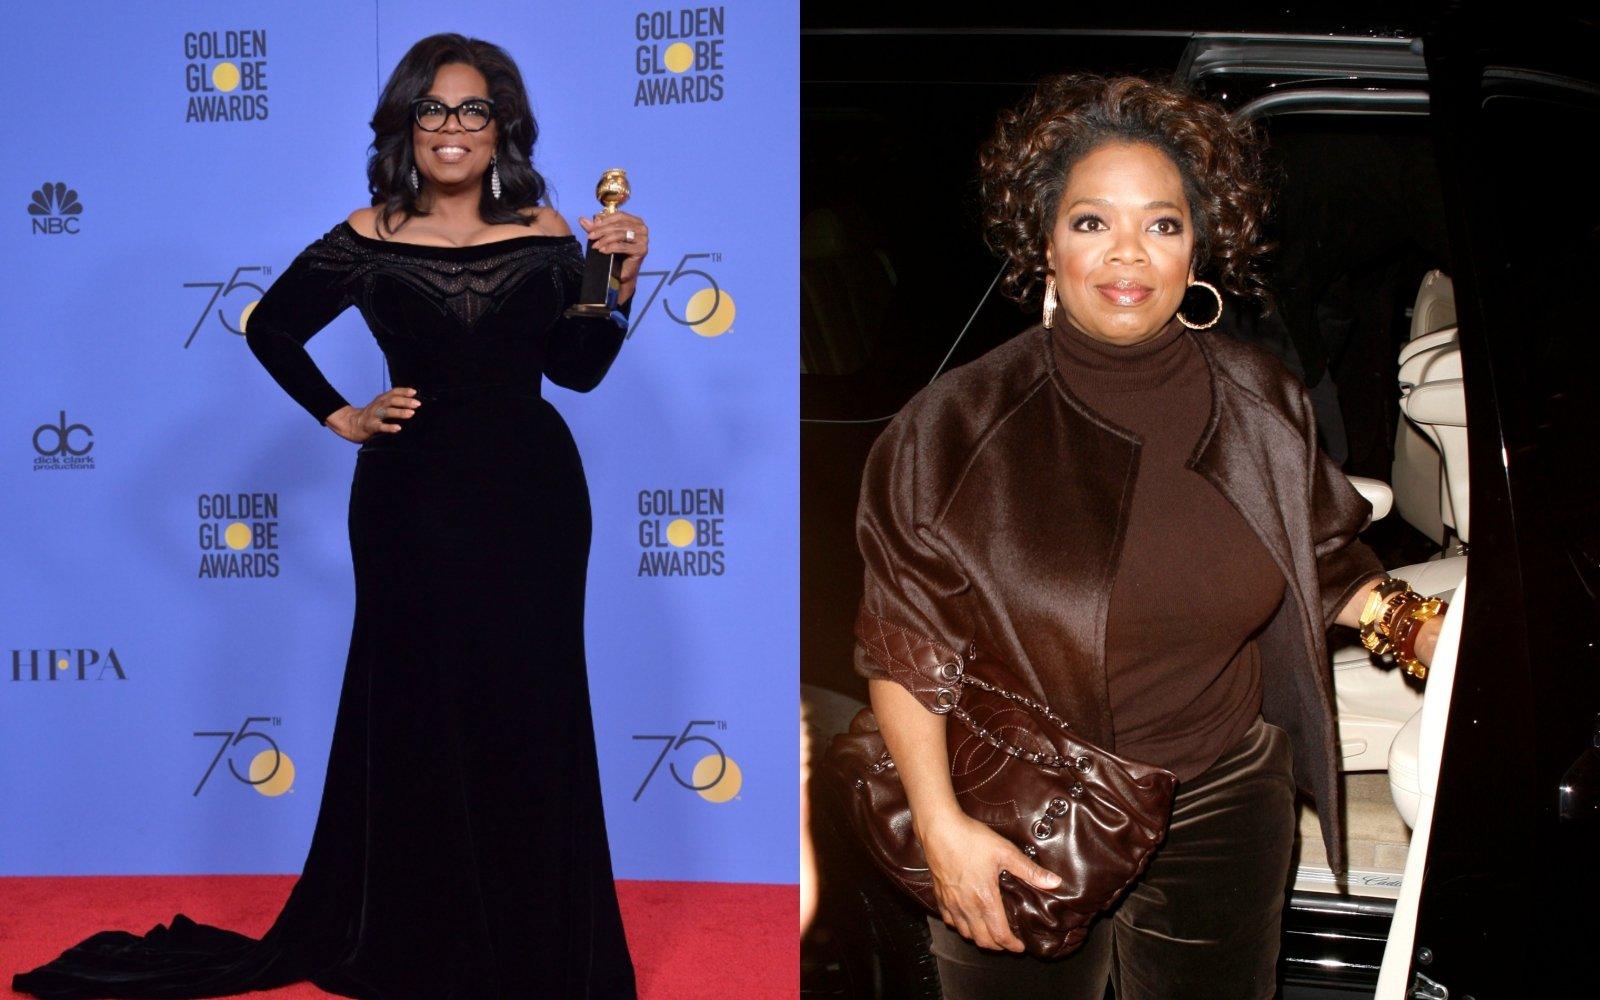 kaip oprah Winfrey numetė svorio ibex riebalų deginimas